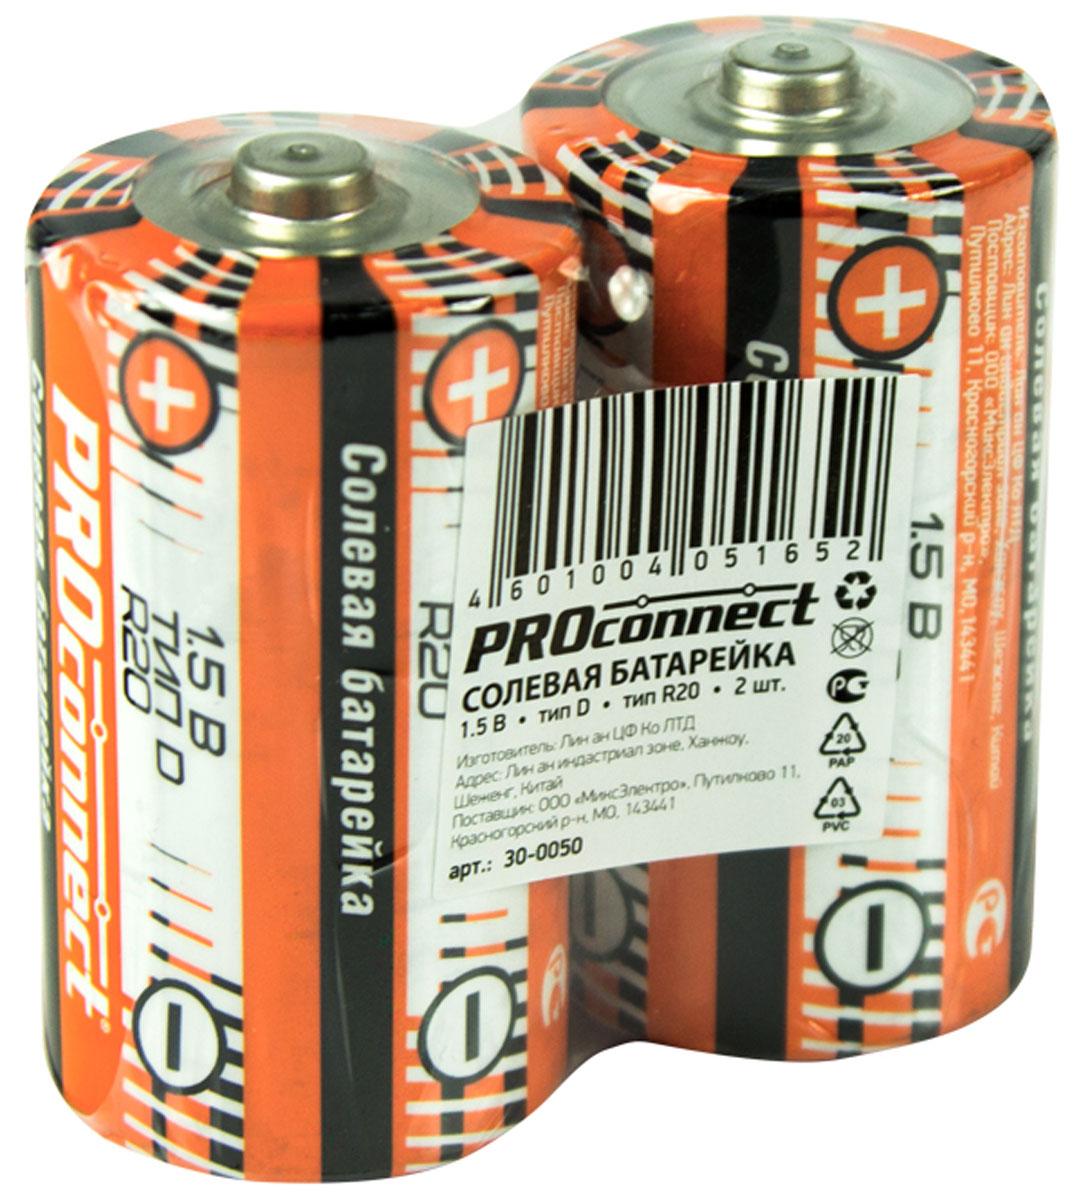 Батарейка солевая PROconnect, D тип R20, 2 шт30-0050Солевая батарейка предназначена для работы в устройствах с низким и средним потреблением тока.